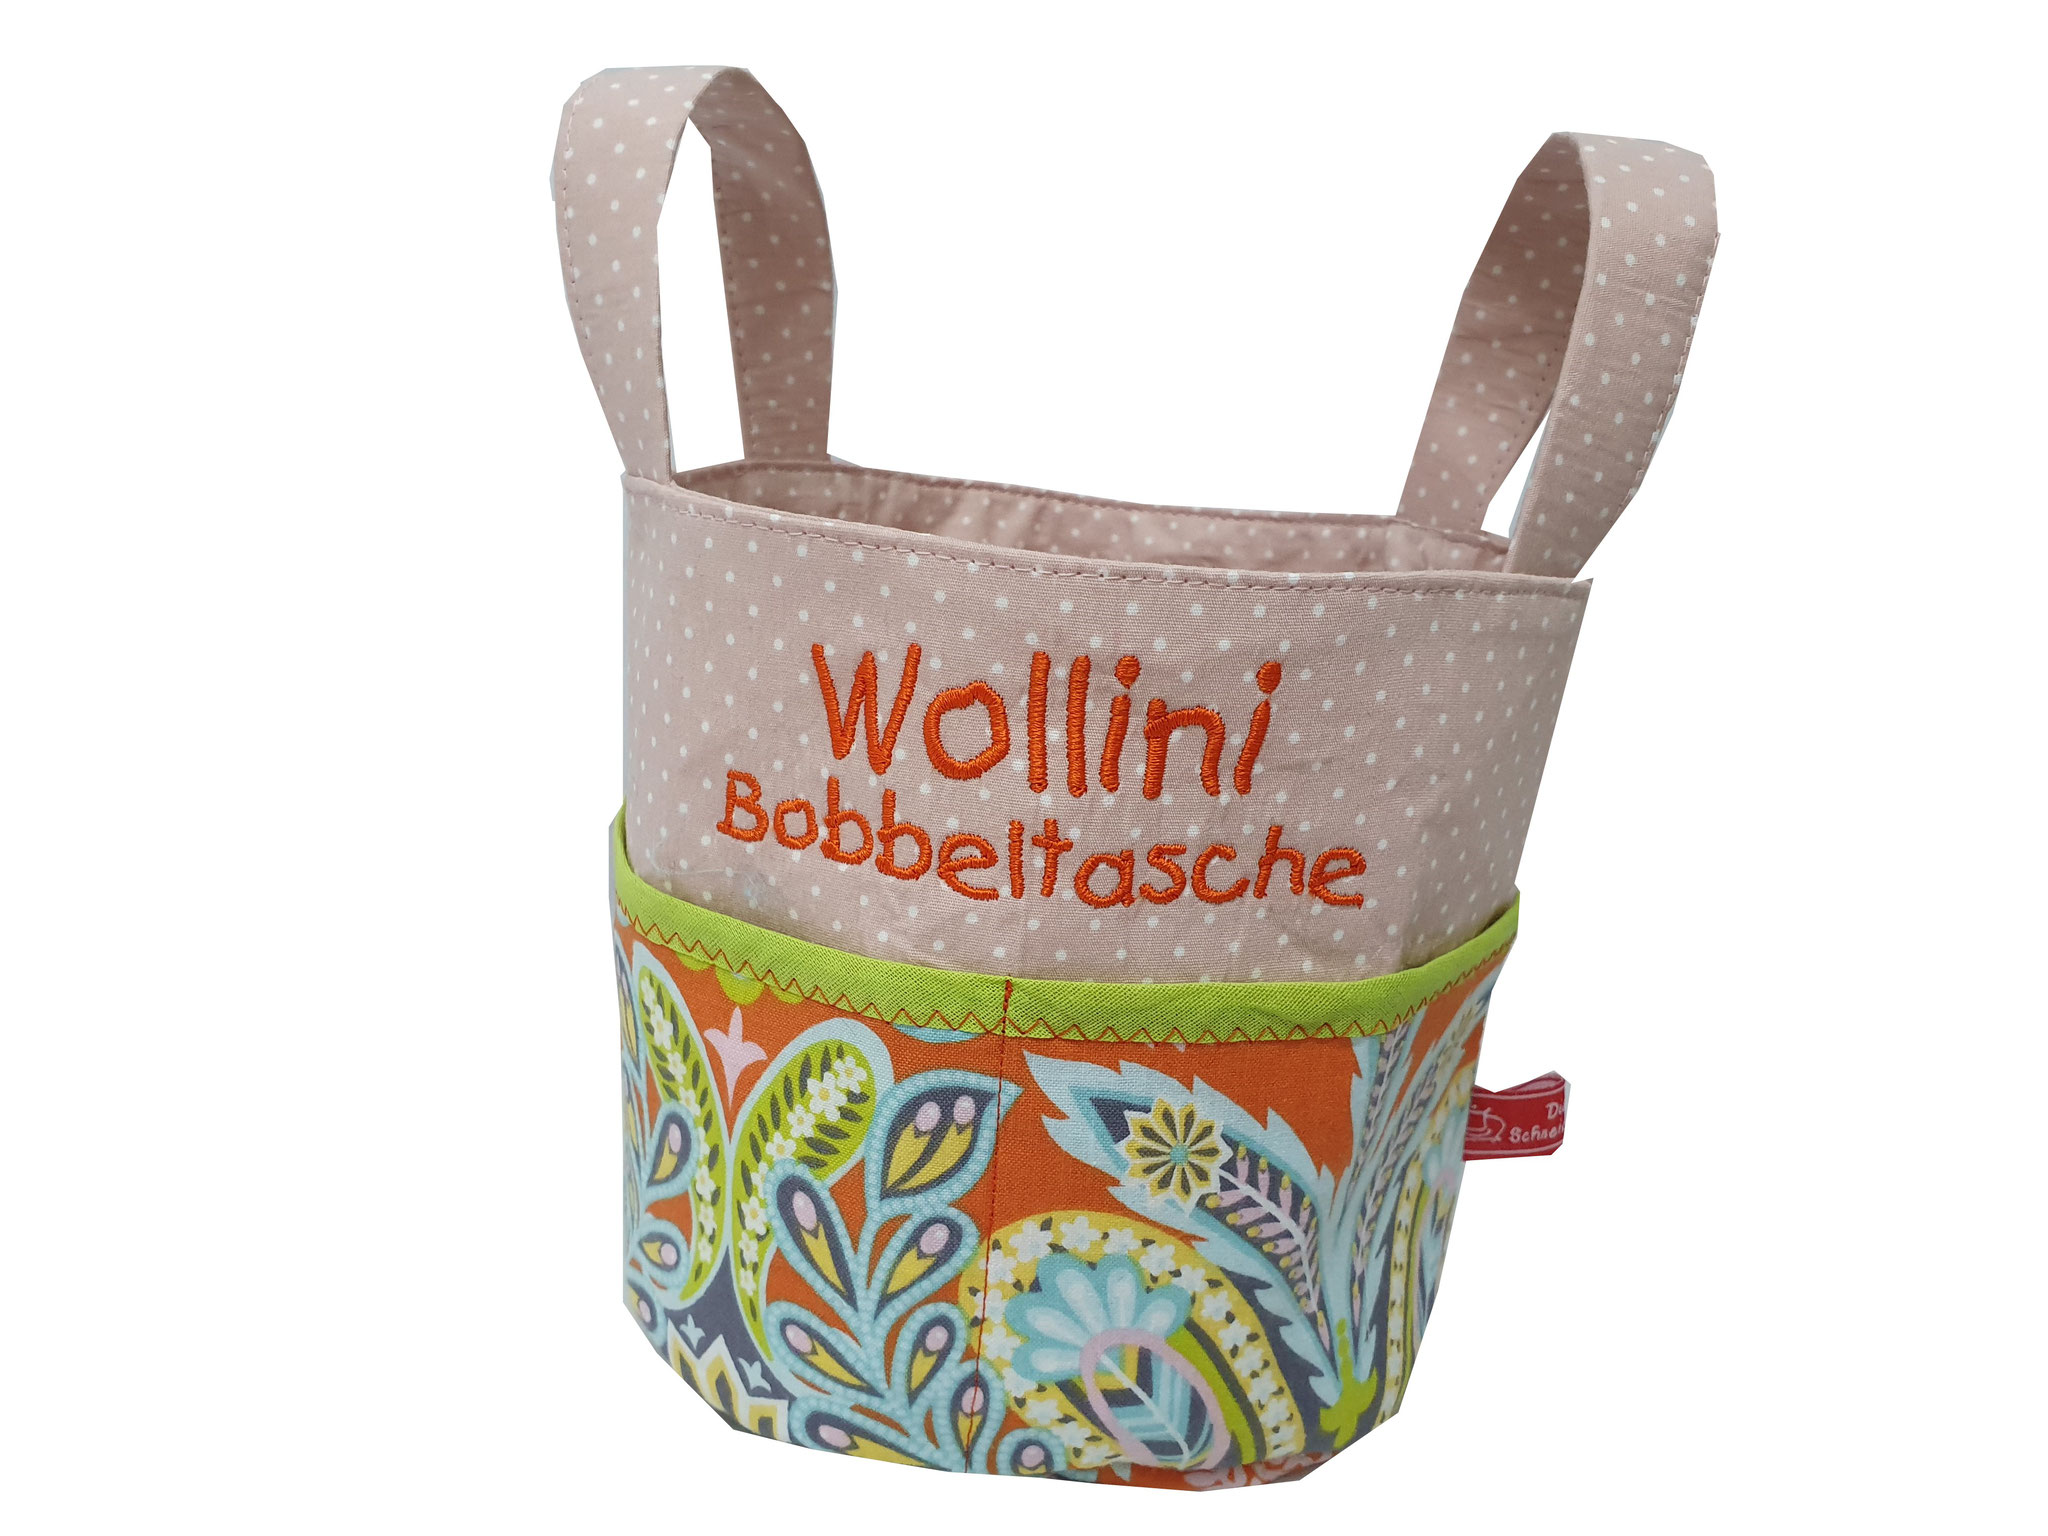 NEU: Ebook *Wollini* Bobbeltasche, 4,90 €